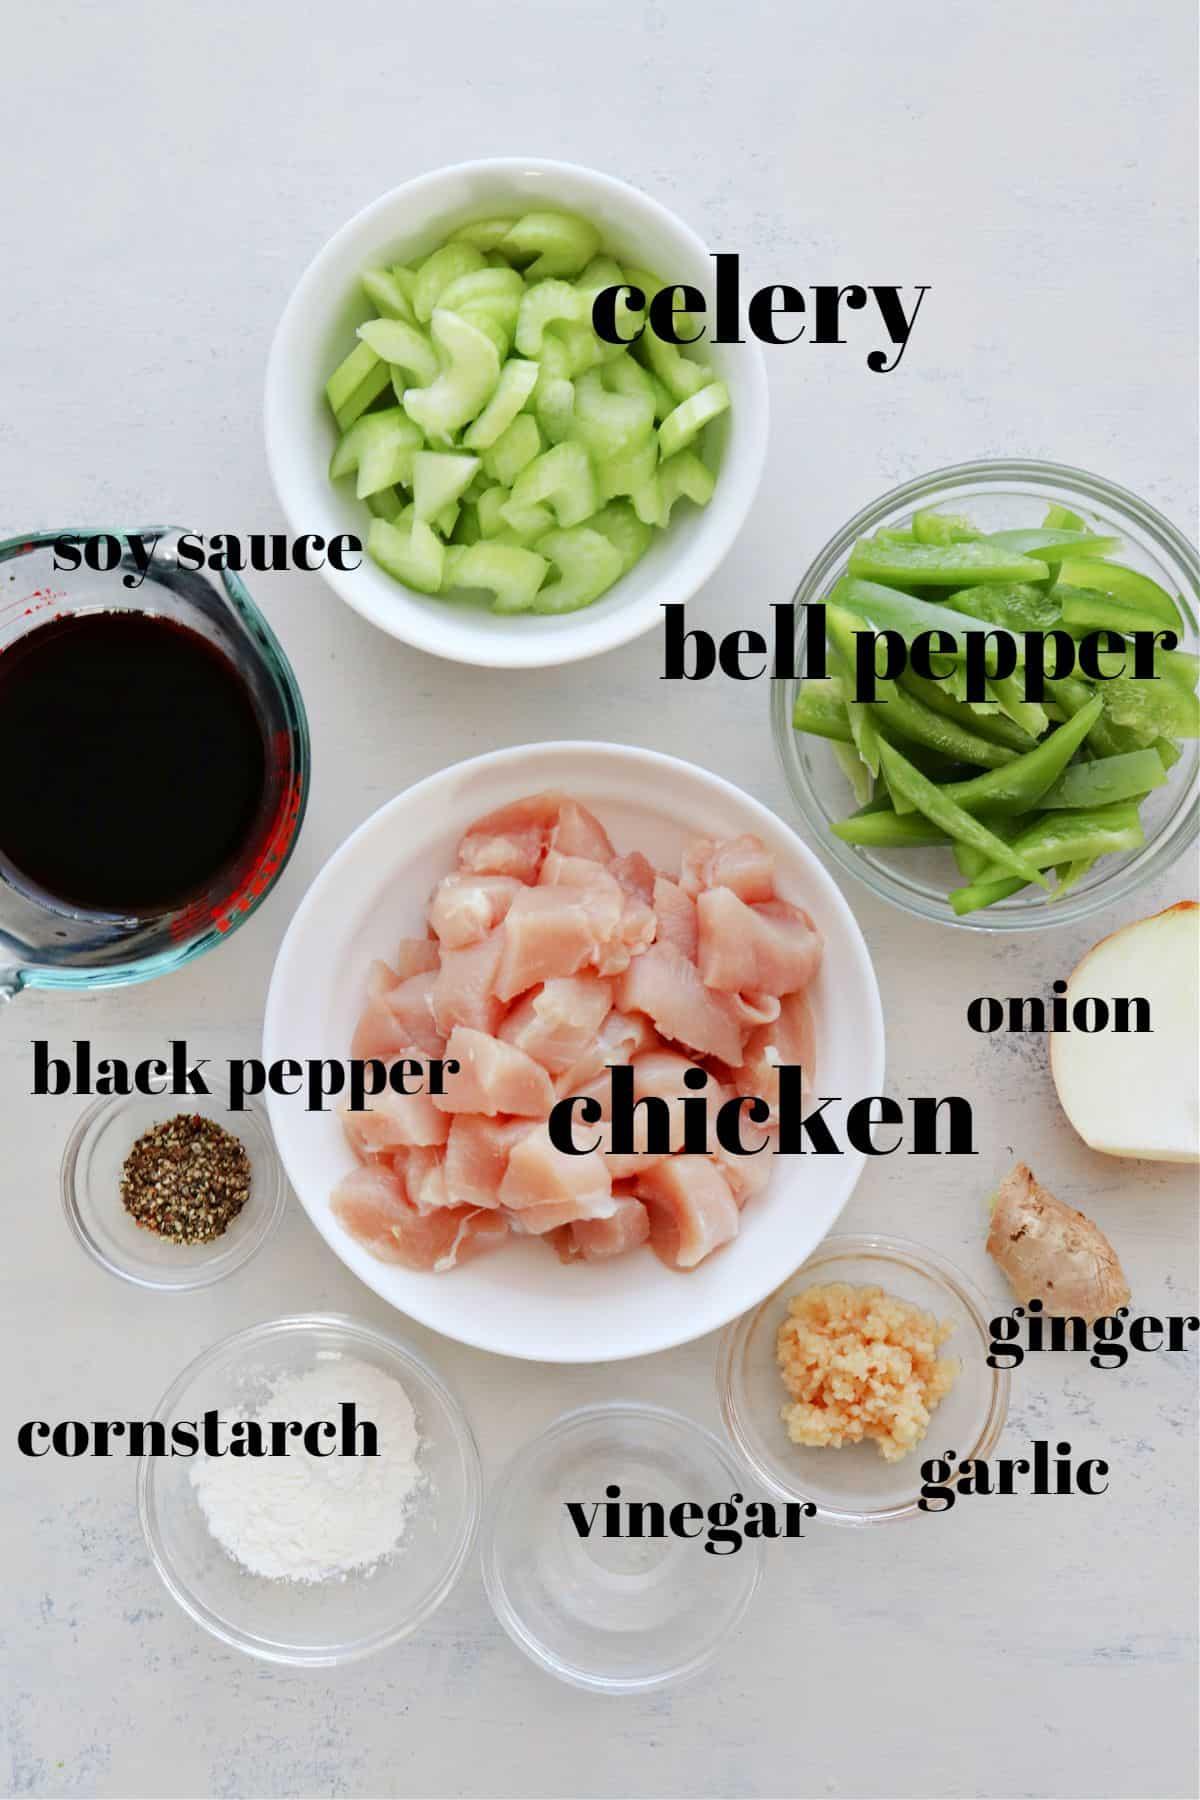 black pepper chicken ingredients 1 Black Pepper Chicken